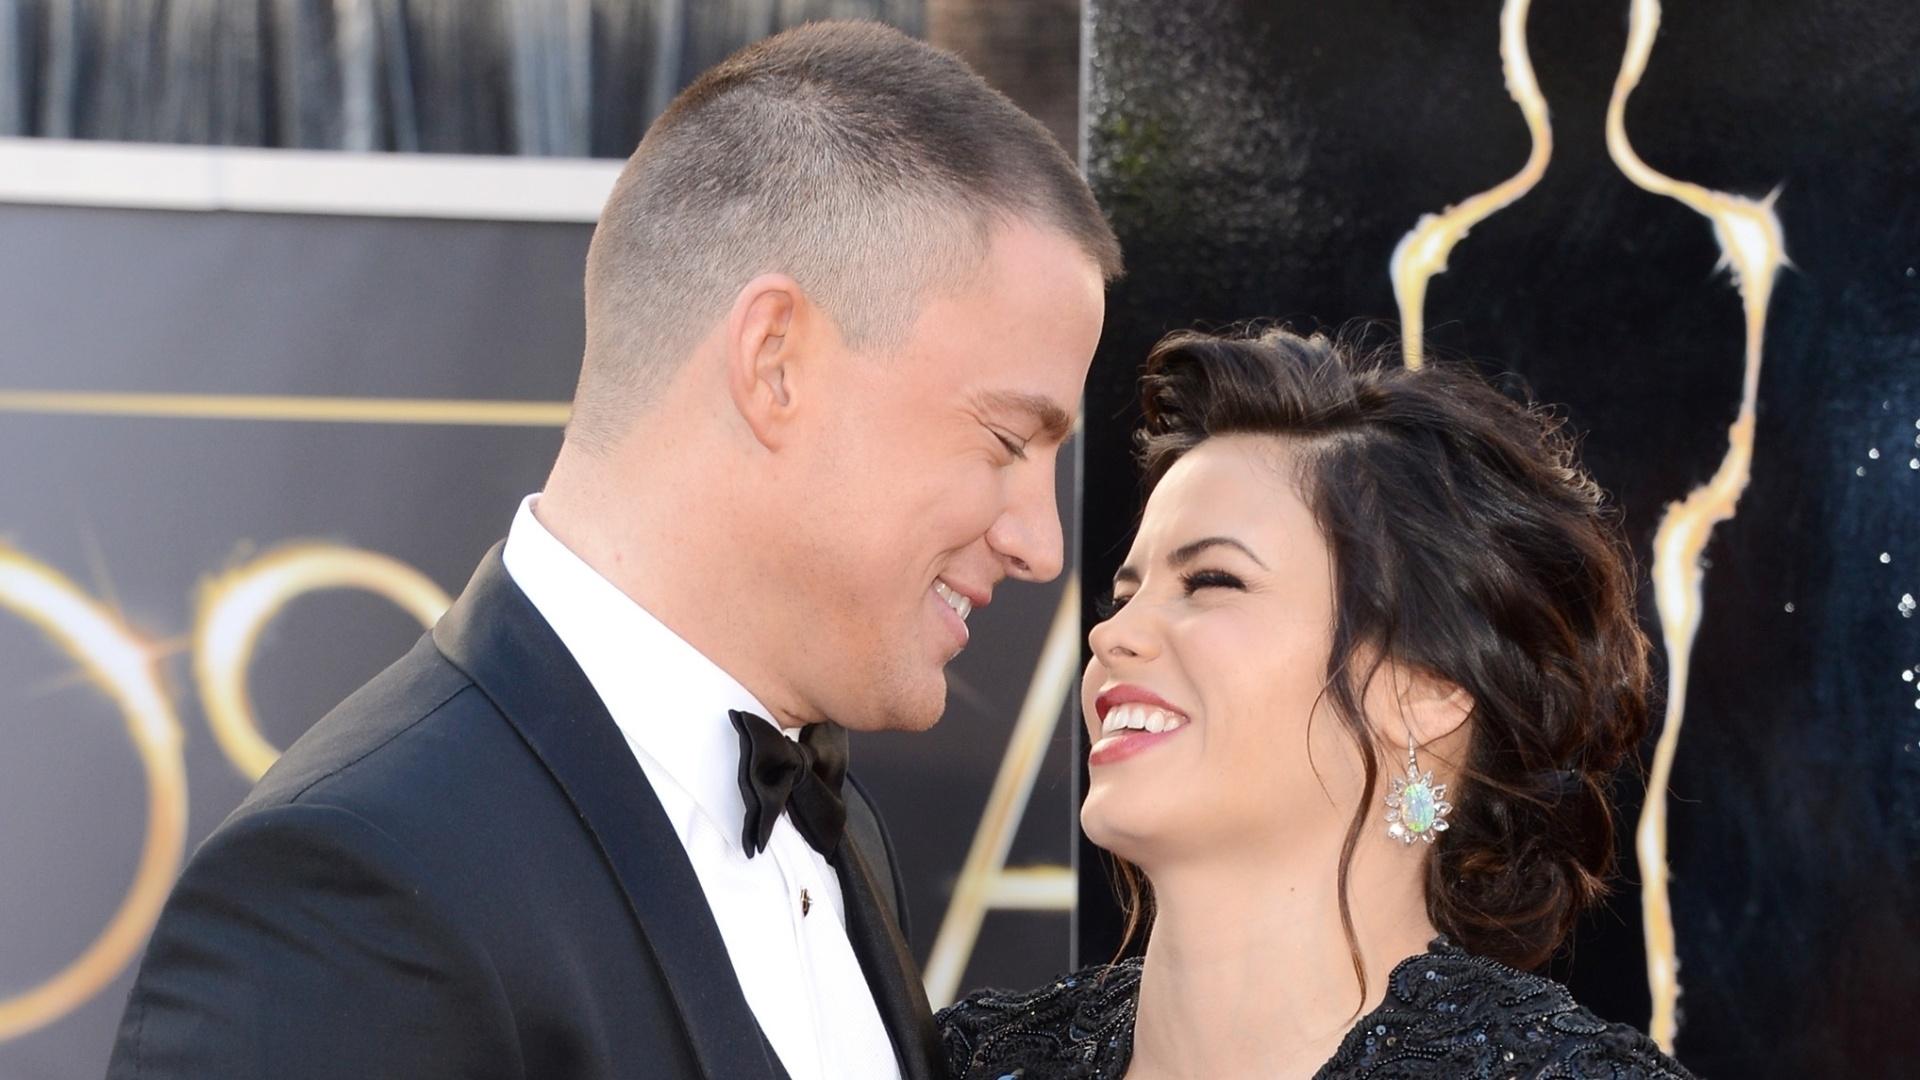 24.fev.2013 - Channing Tatum e a mulher Jenna Dewan no tapete vermelho do Oscar 2013. O casal espera o primeiro filho